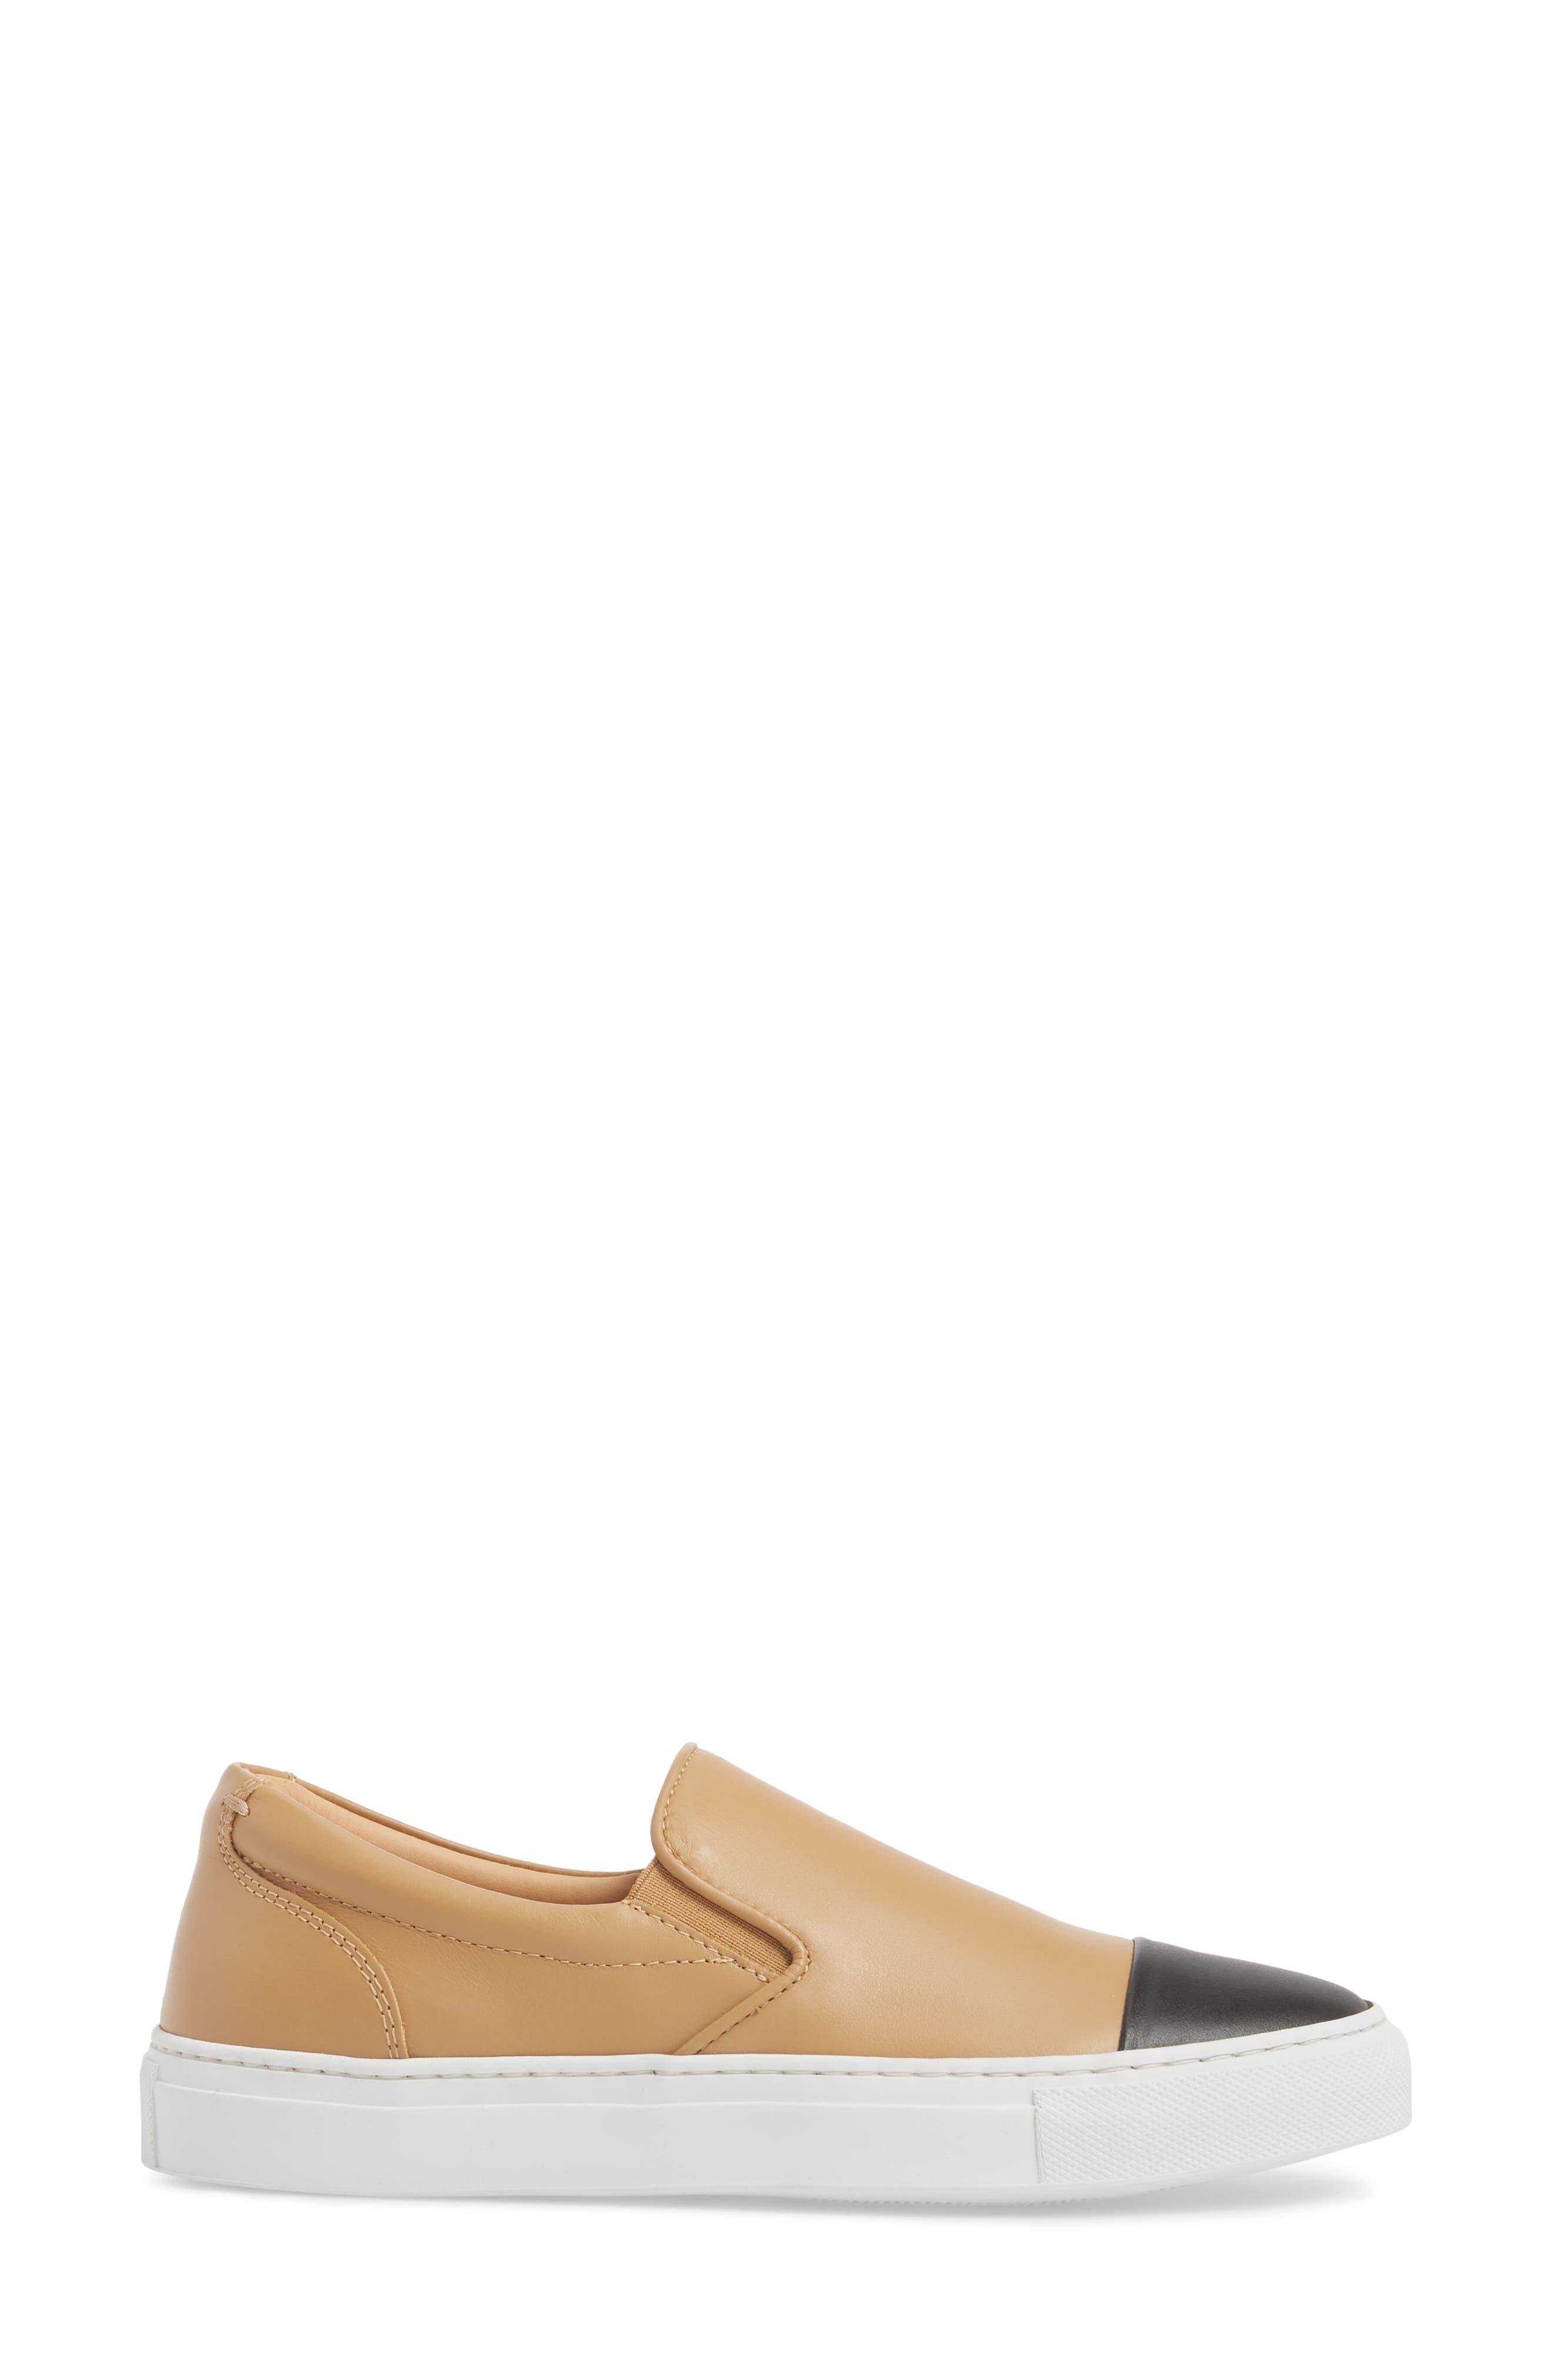 Wooster Cap Toe Slip-On Sneaker,                             Alternate thumbnail 3, color,                             ALMOND